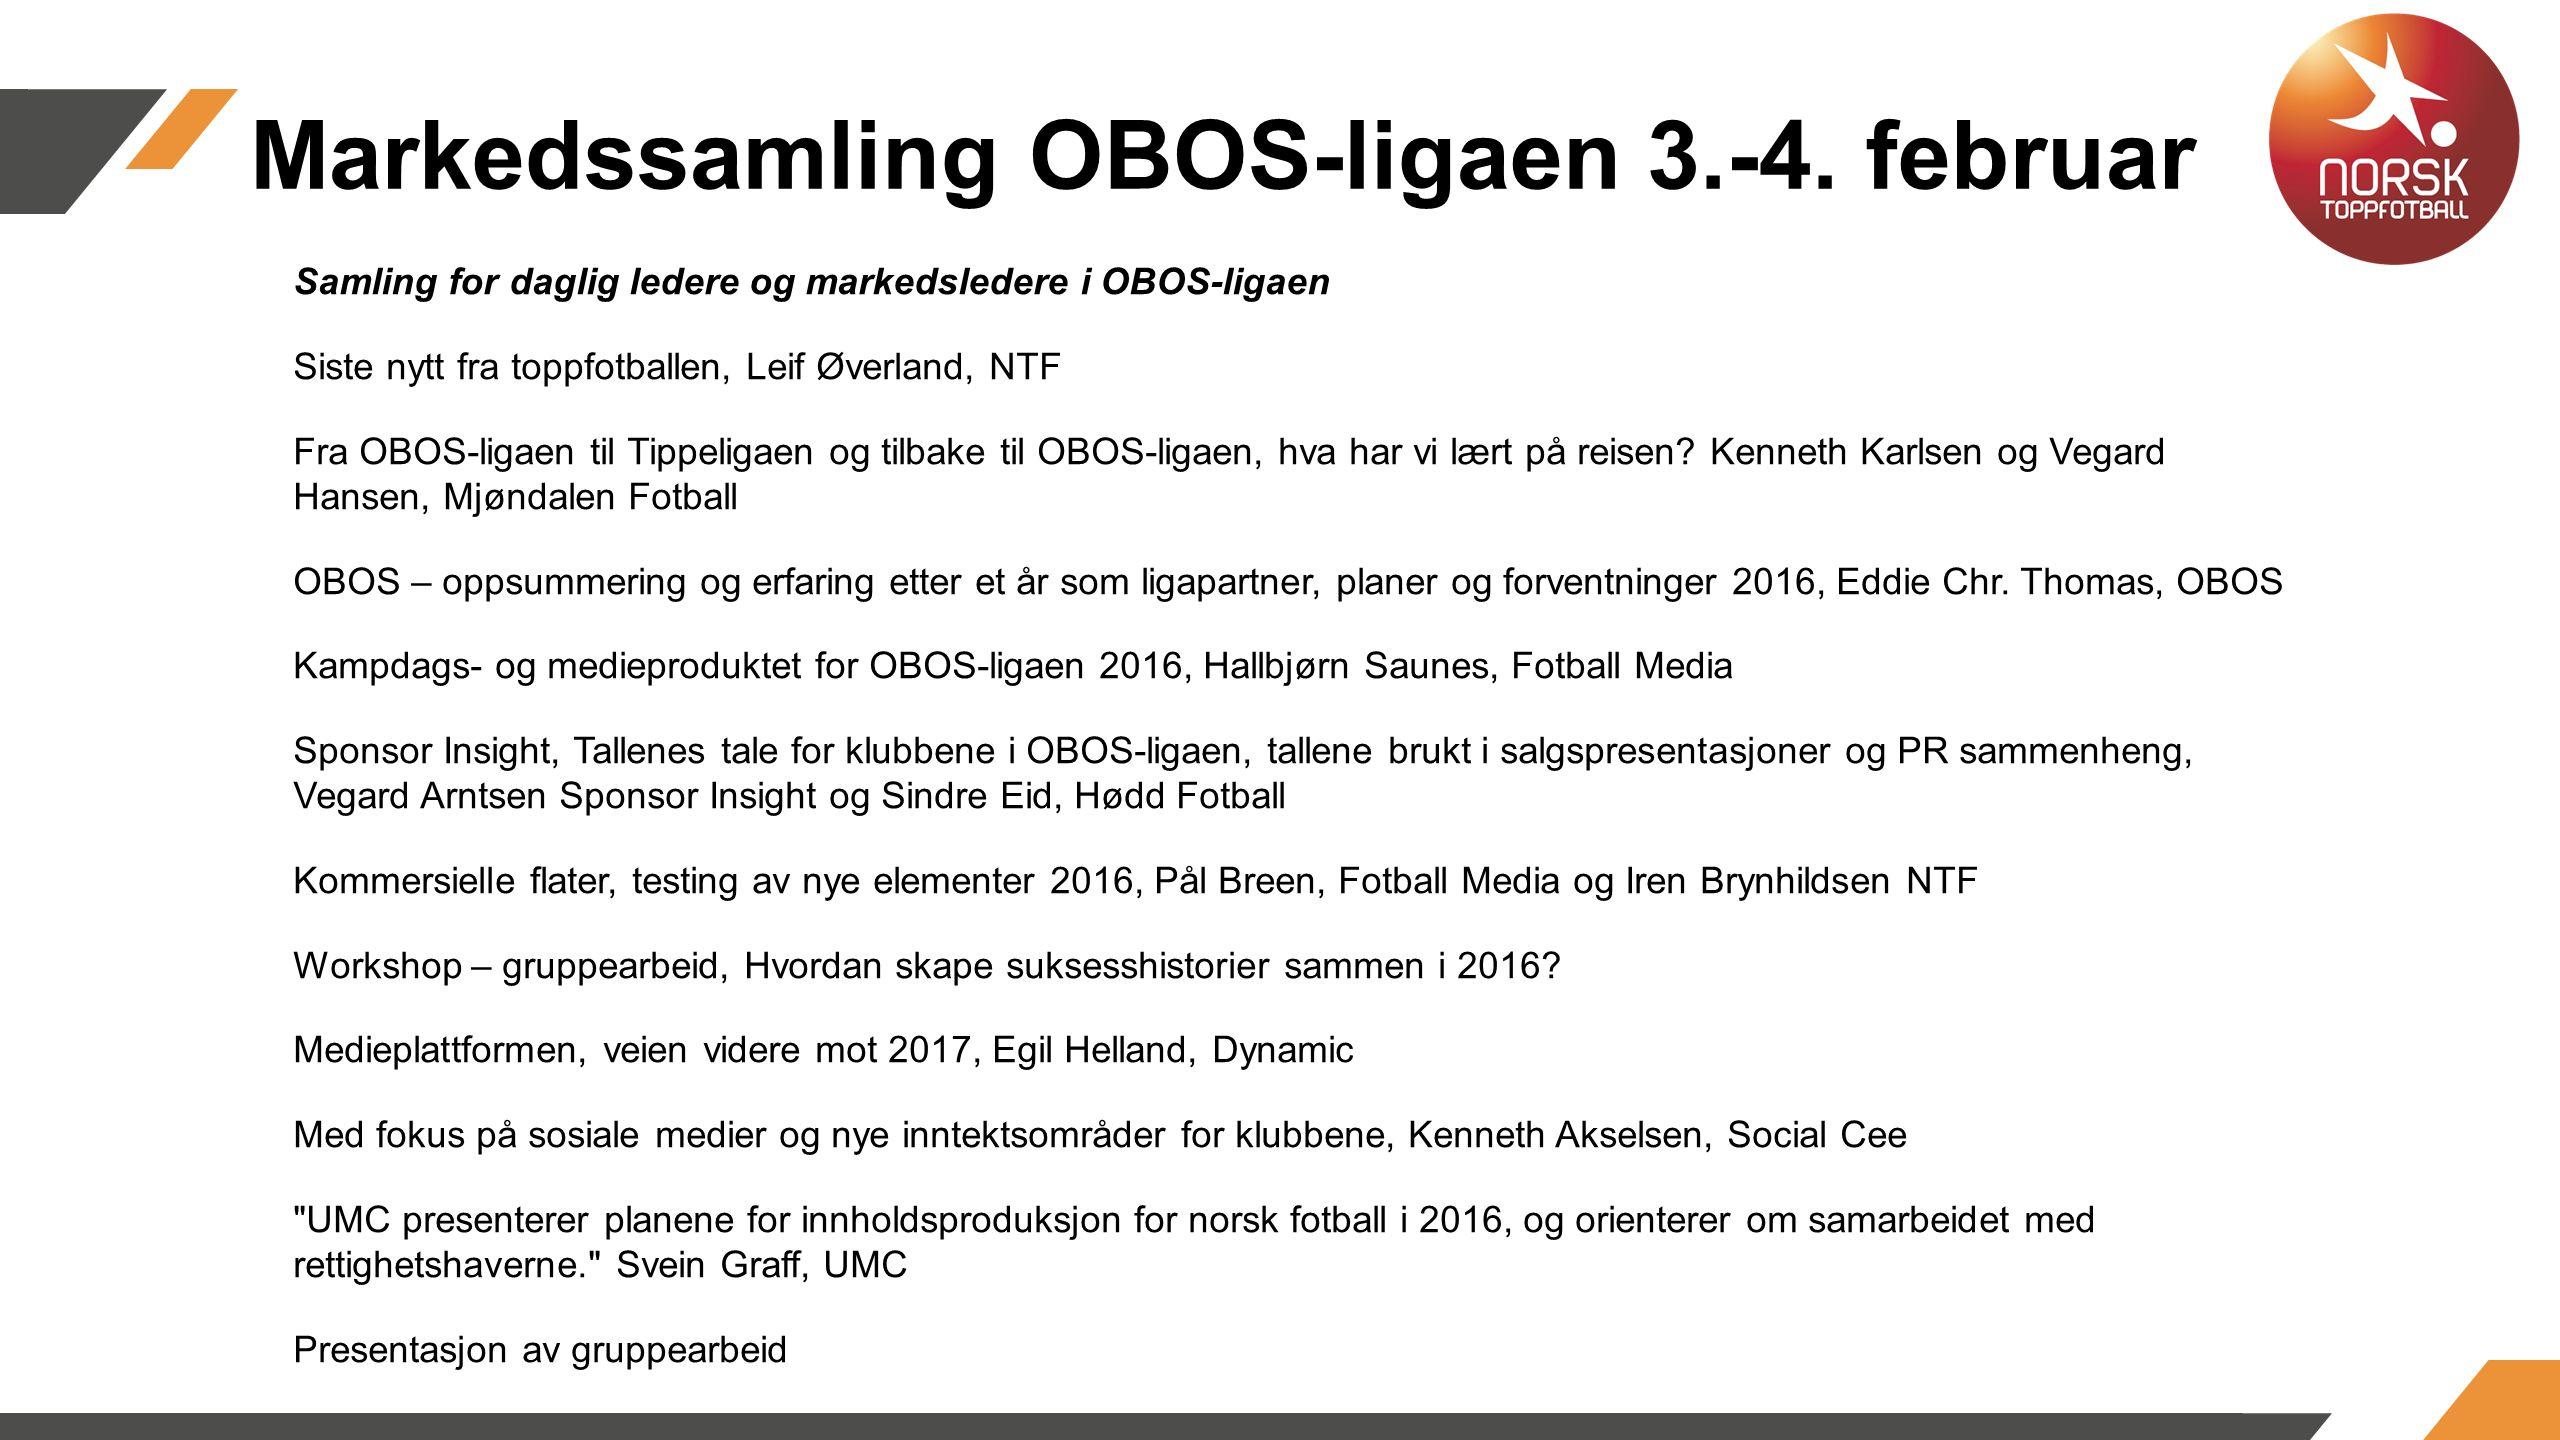 Markedssamling OBOS-ligaen 3.-4.